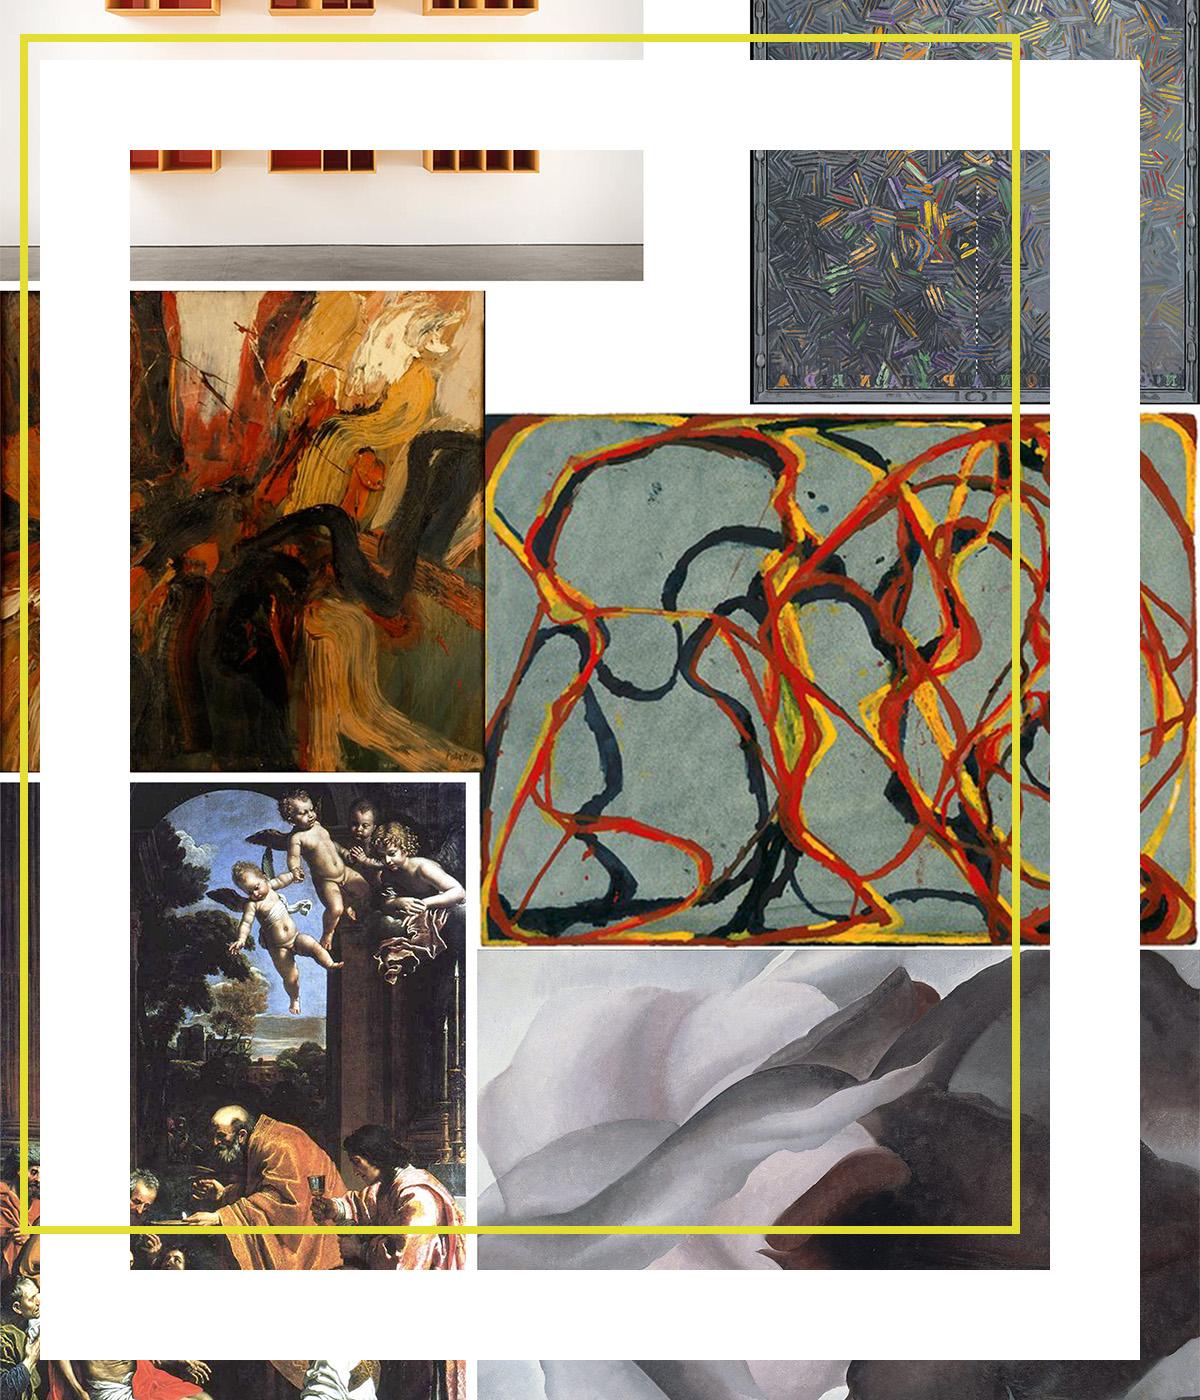 Здесь и далее: иллюстрации, собранные из работ и авторов, упомянутых Данто в сборнике.